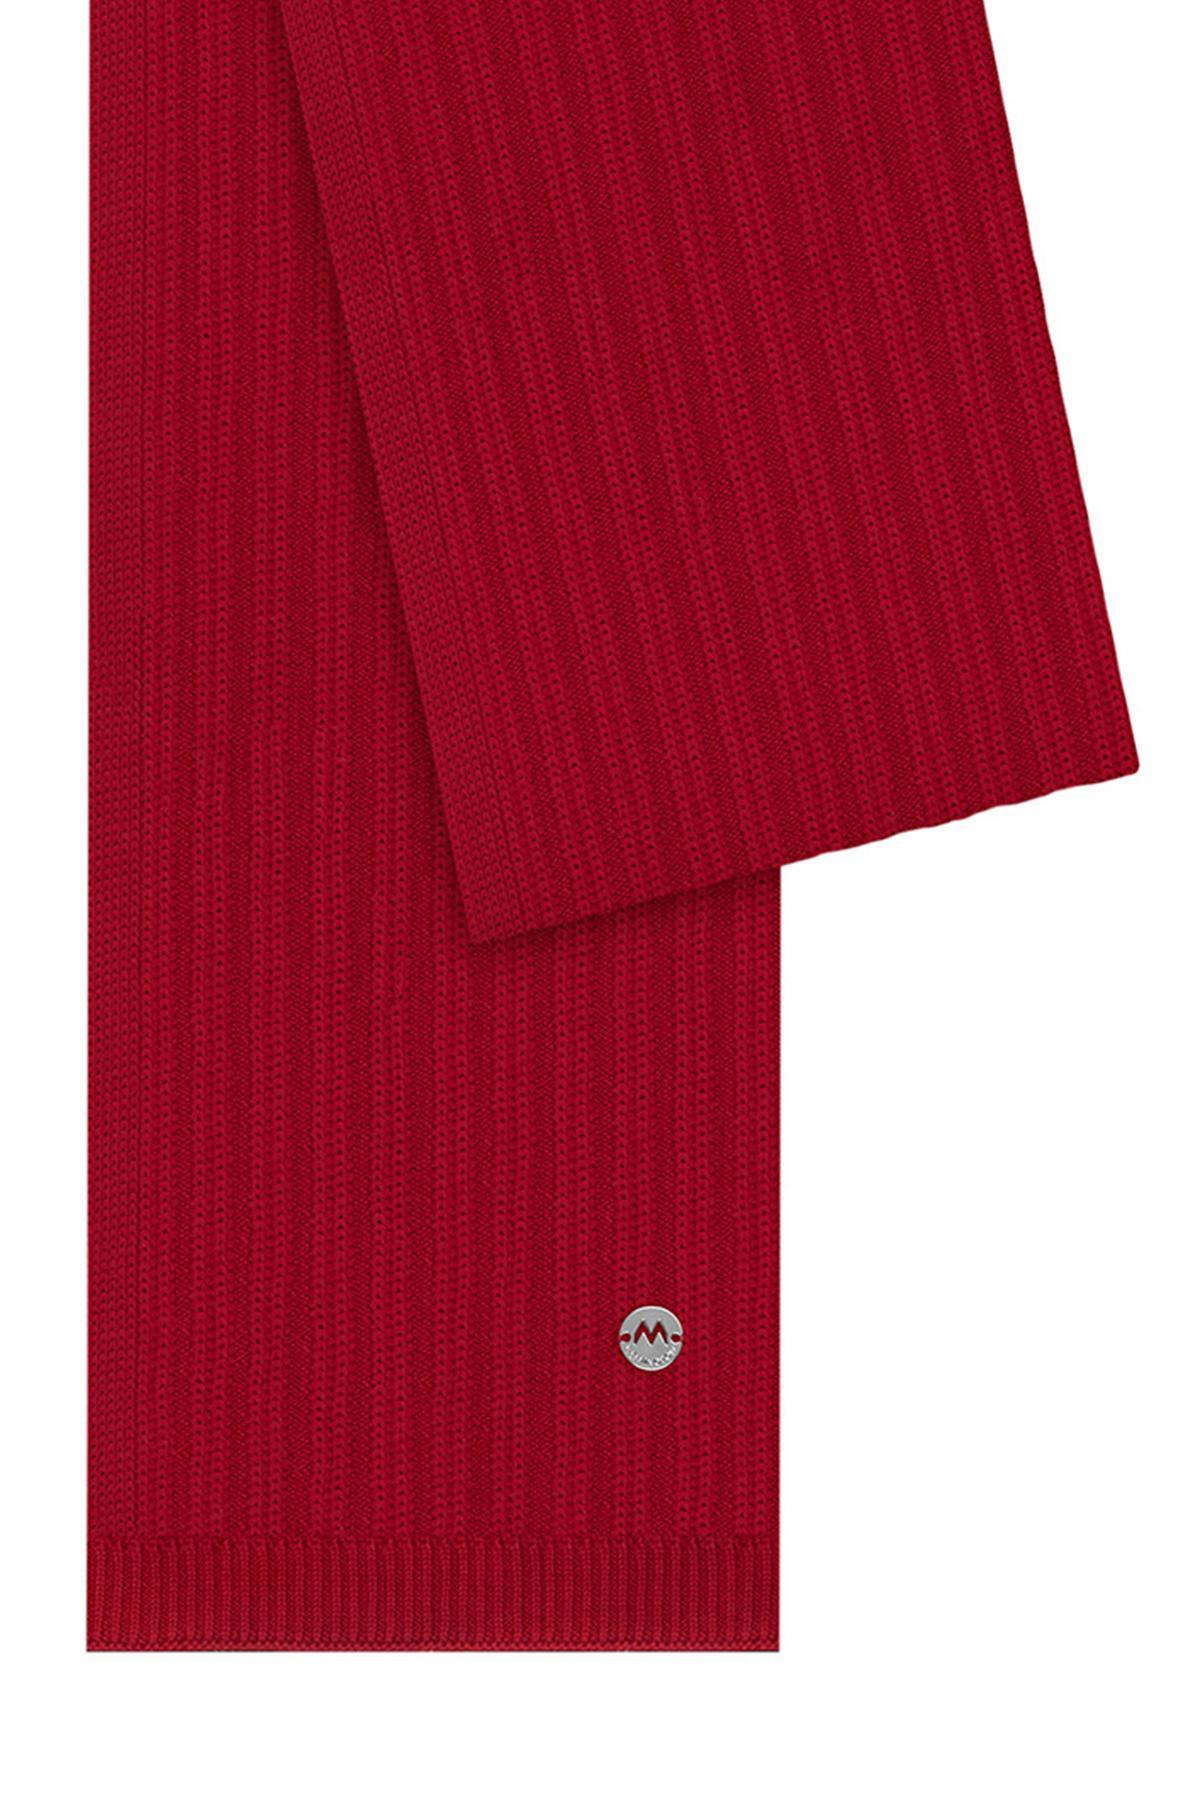 Kırmızı Merino Yün Atkı